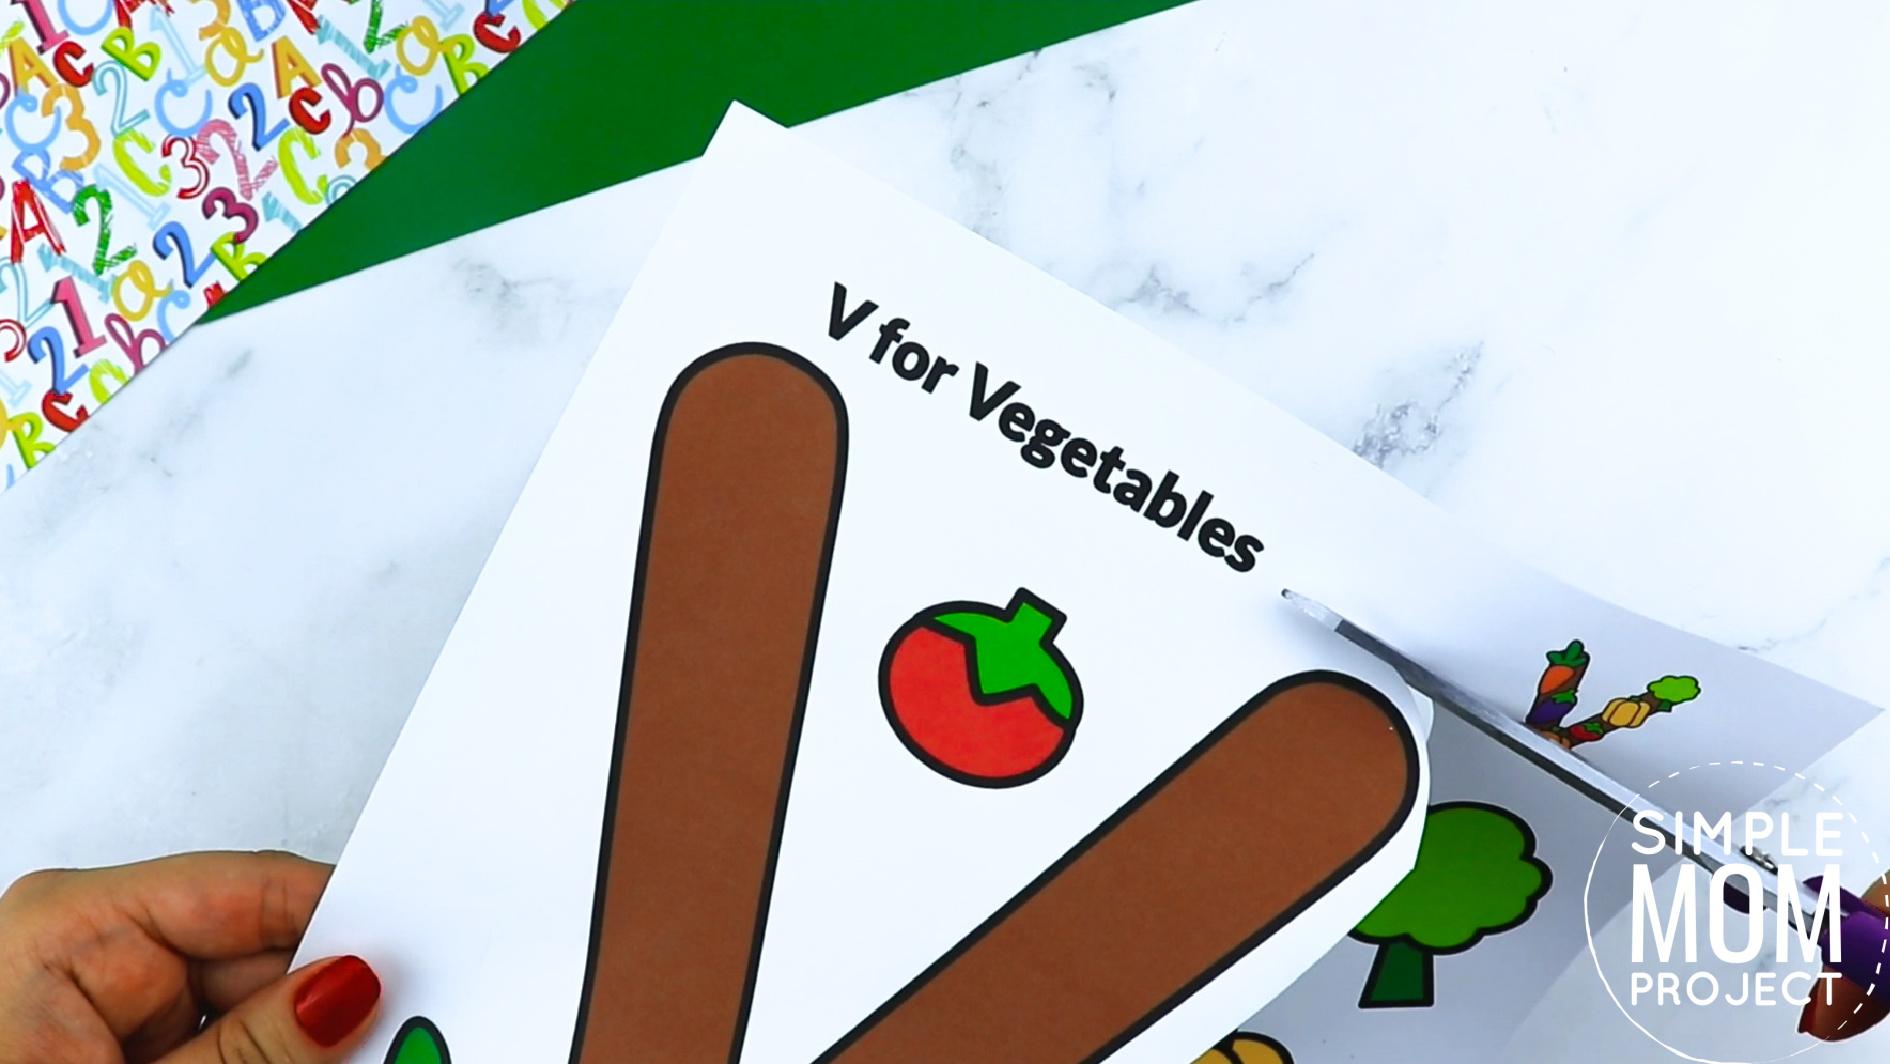 V is for Vegetables Printable Craft Vegetables Letter V Craft for Kids, preschoolers, toddlers and kindergartners